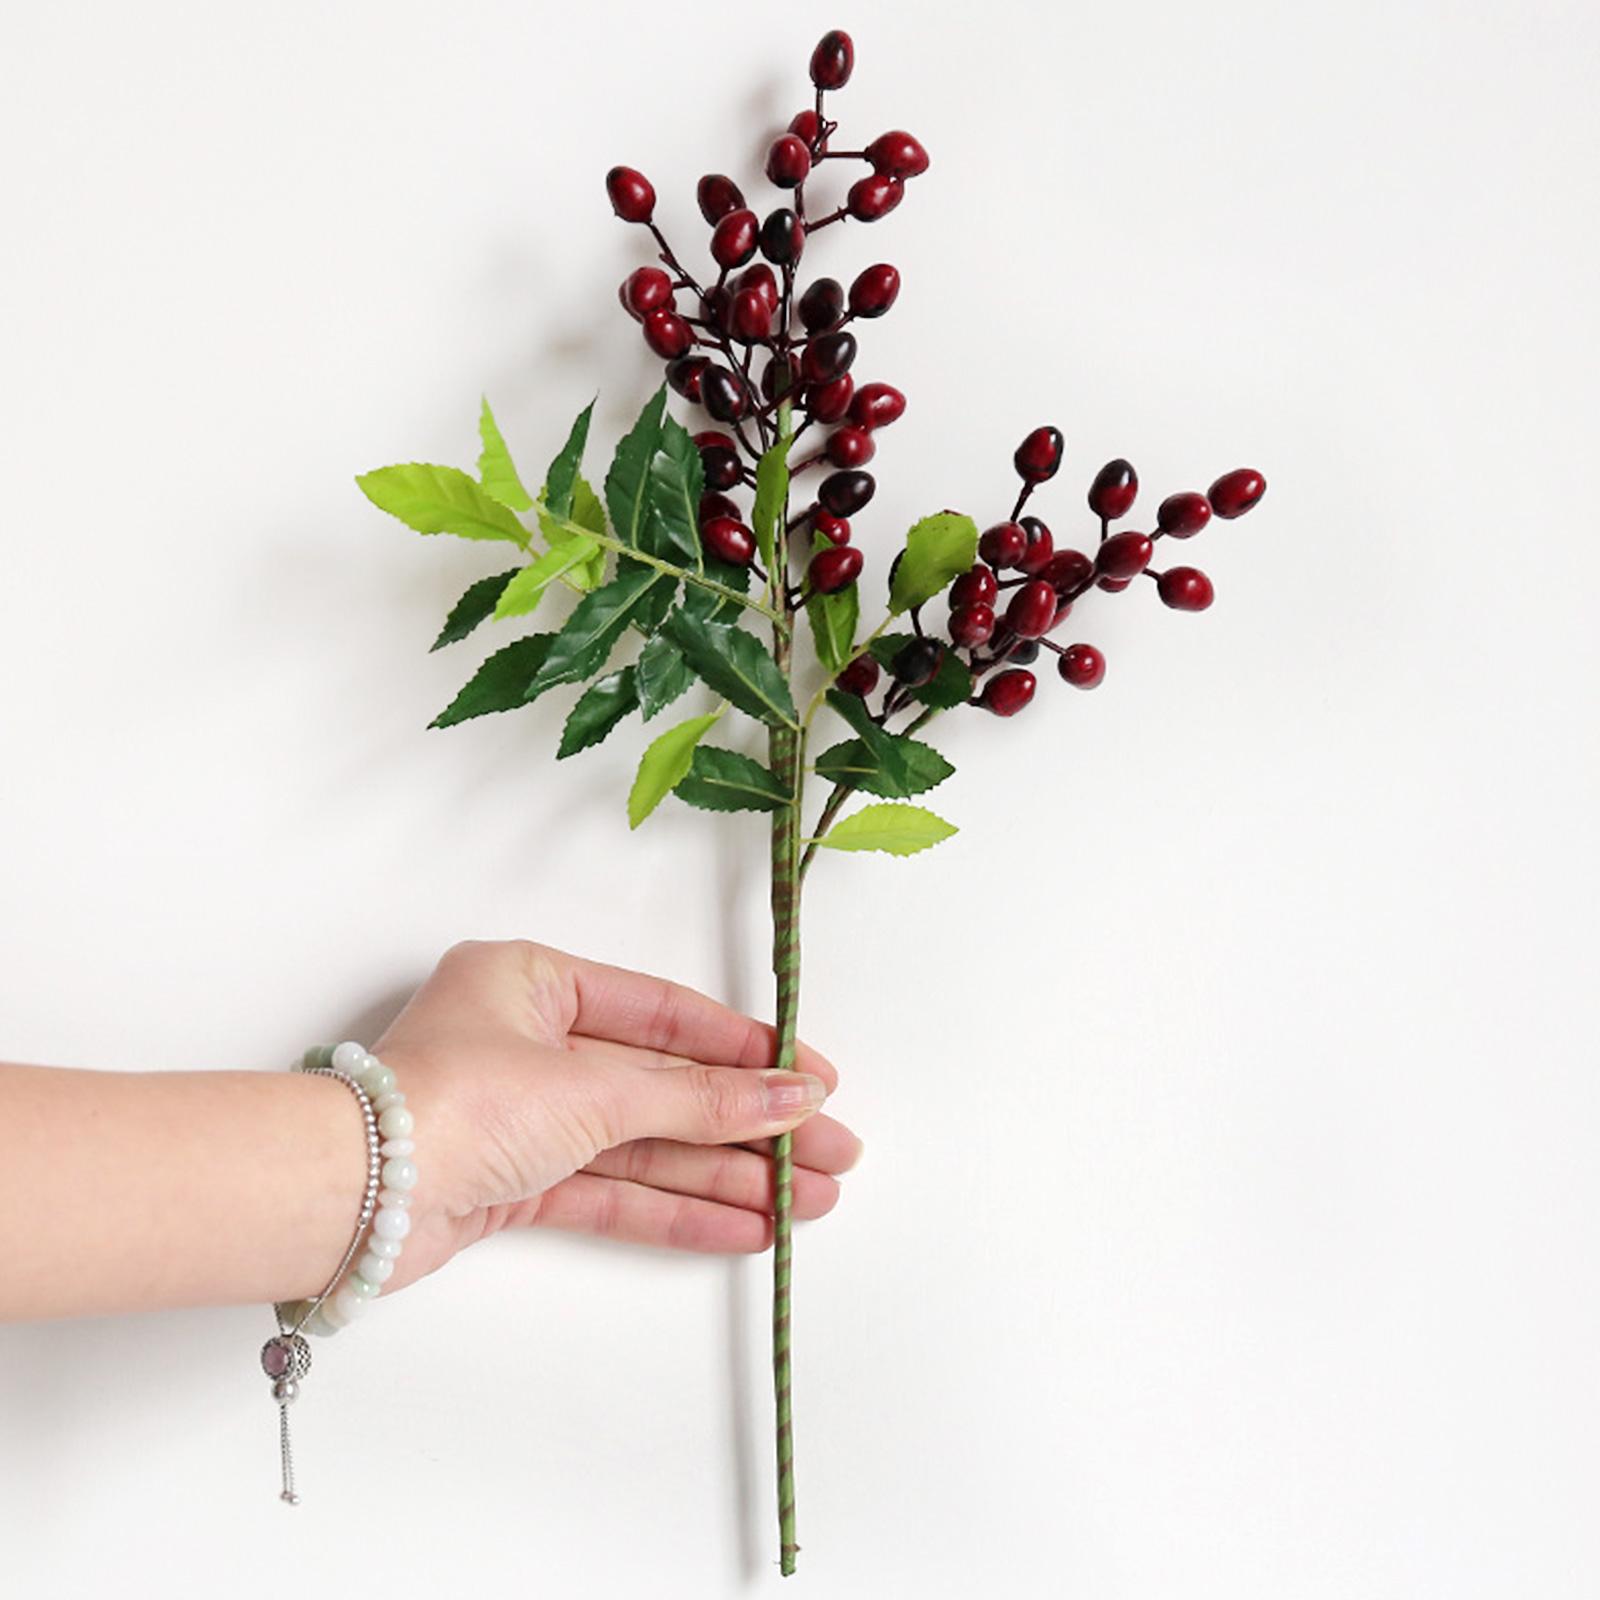 Ramo de flores artificiales de olivo, flores verdes, decoración de plantas para DIY, decoración para bodas, fiestas, accesorios para jardín